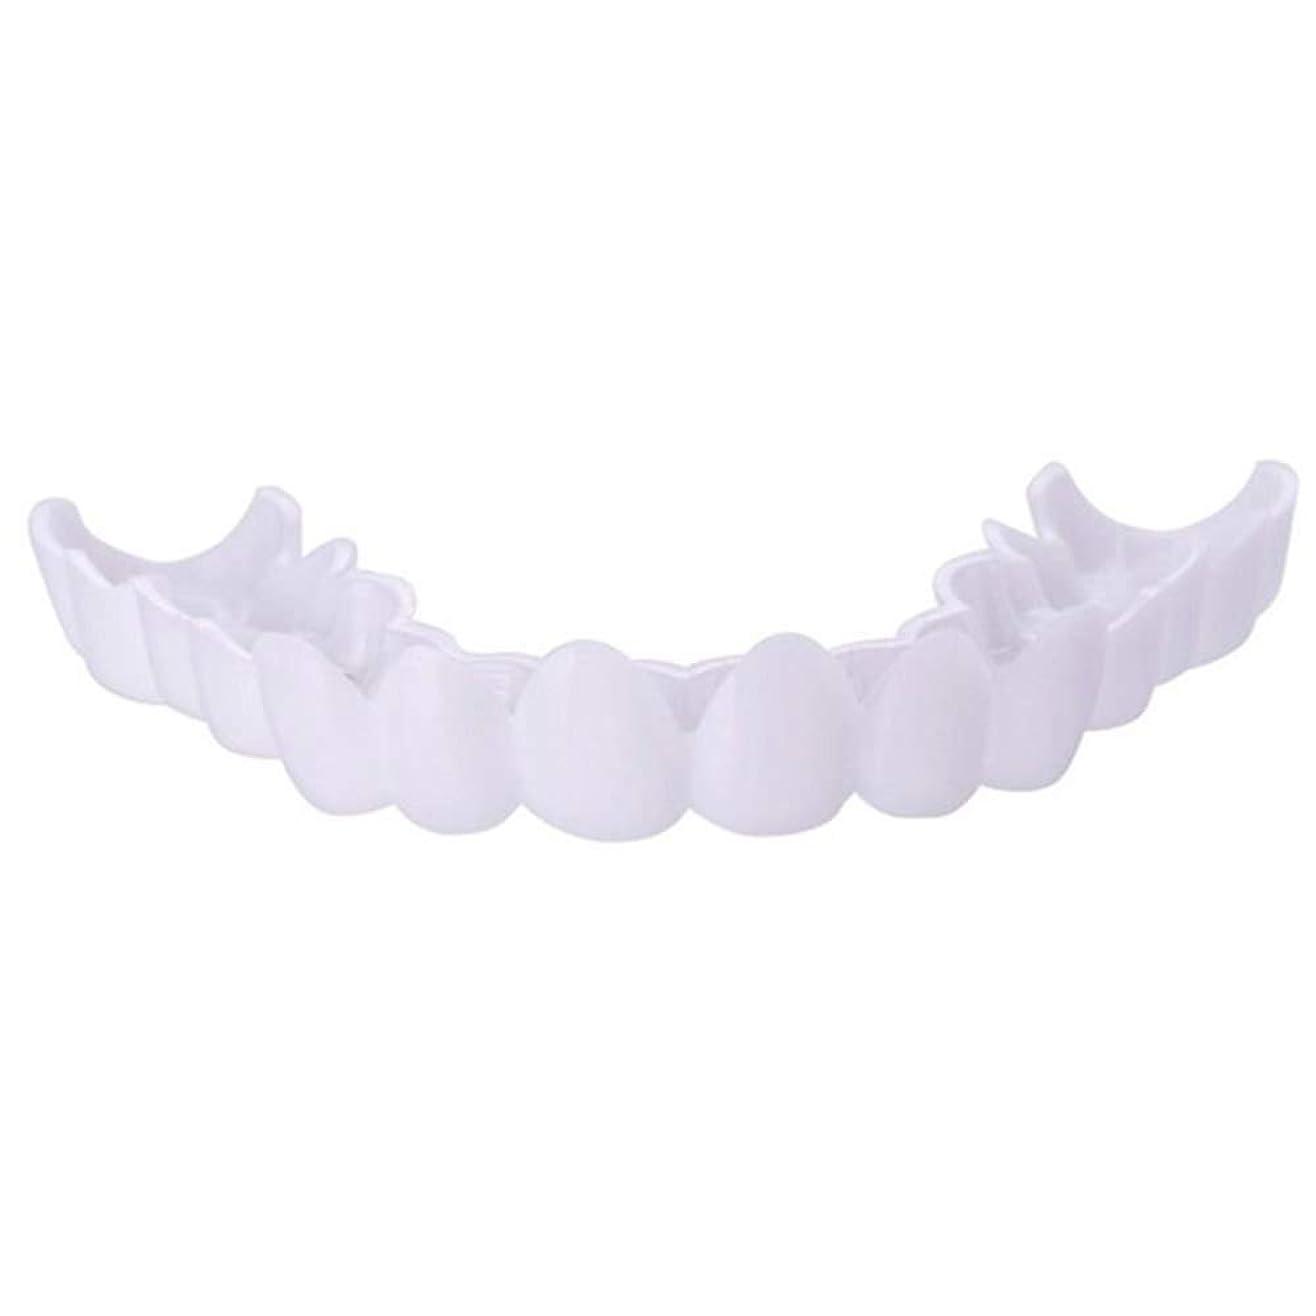 障害のスコアコンテンポラリーシリコーンシミュレーション歯科用義歯スリーブ、上歯のホワイトニング,A